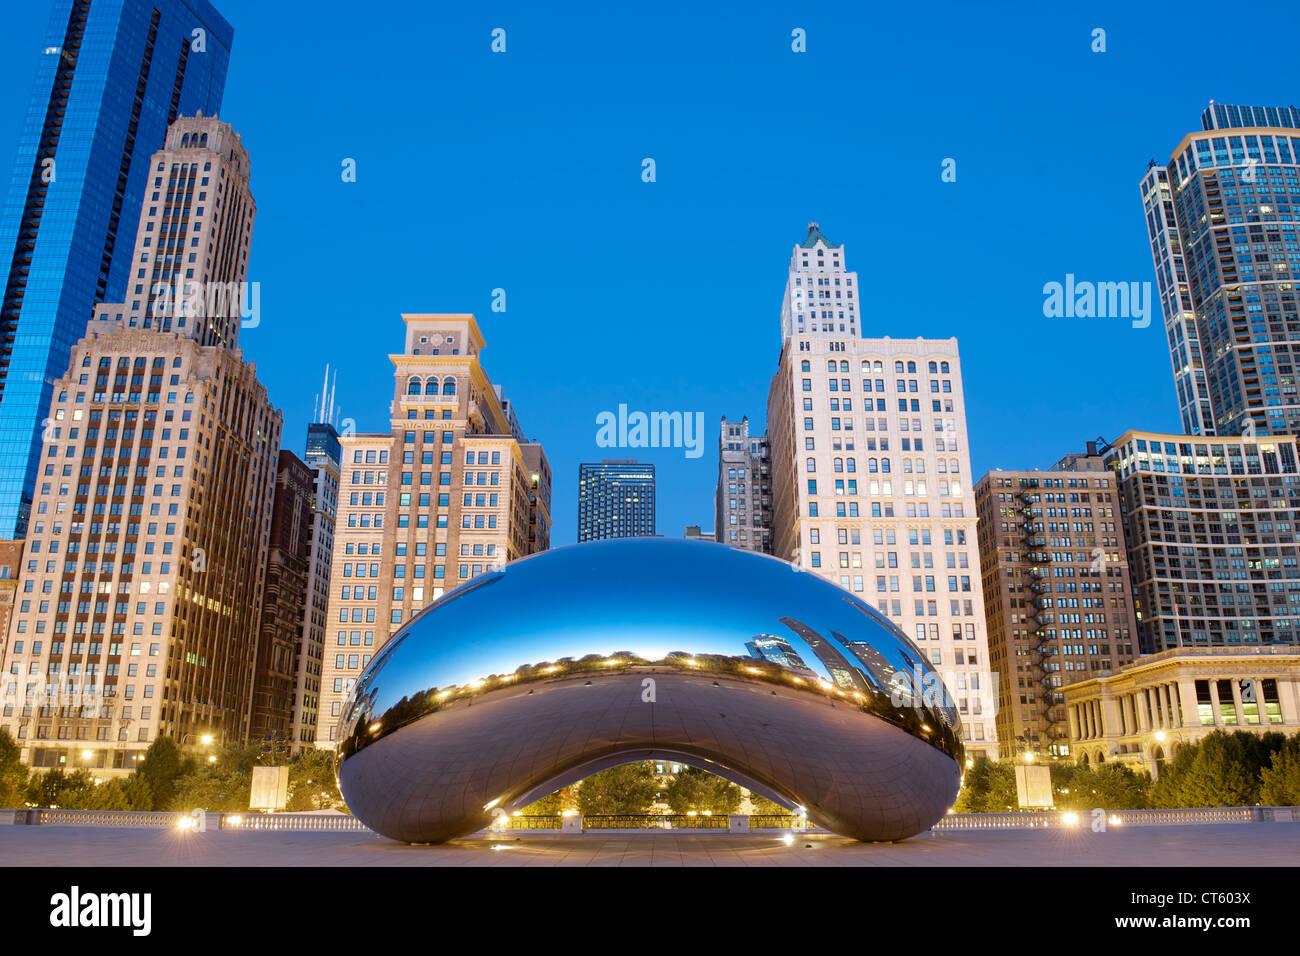 Alba vista del Cloud Gate scultura di Anish Kapoor nel Millennium Park di Chicago, Illinois, Stati Uniti d'America. Immagini Stock